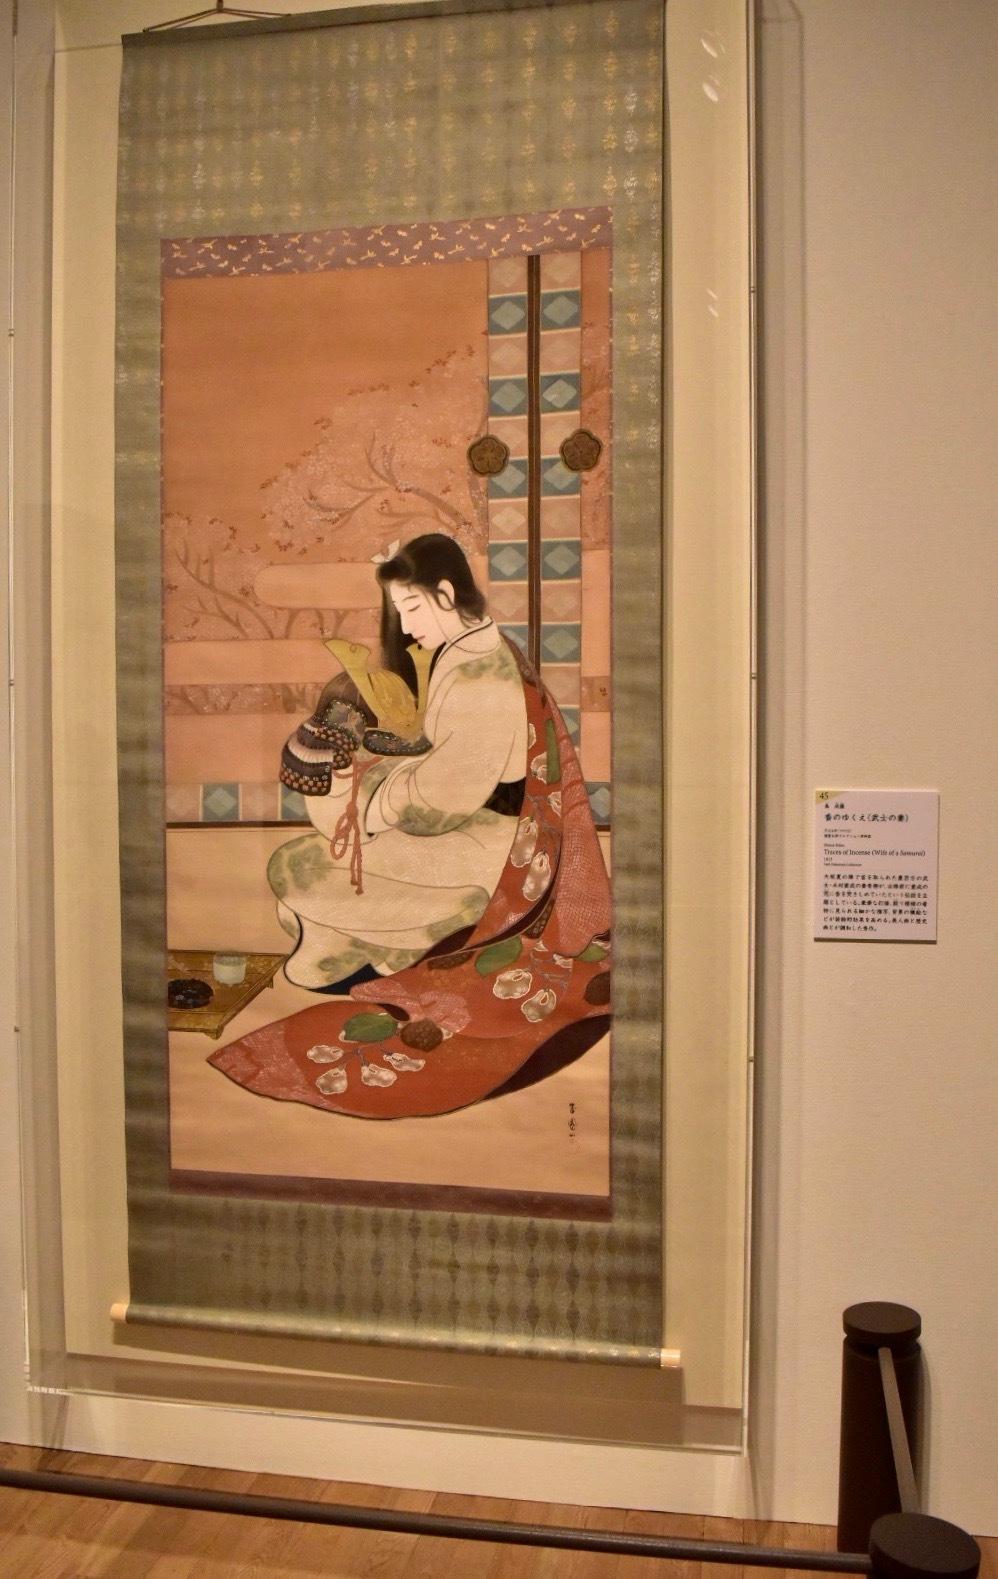 島成園 《香のゆくえ(武士の妻)》 大正4年 福富太郎コレクション資料室蔵